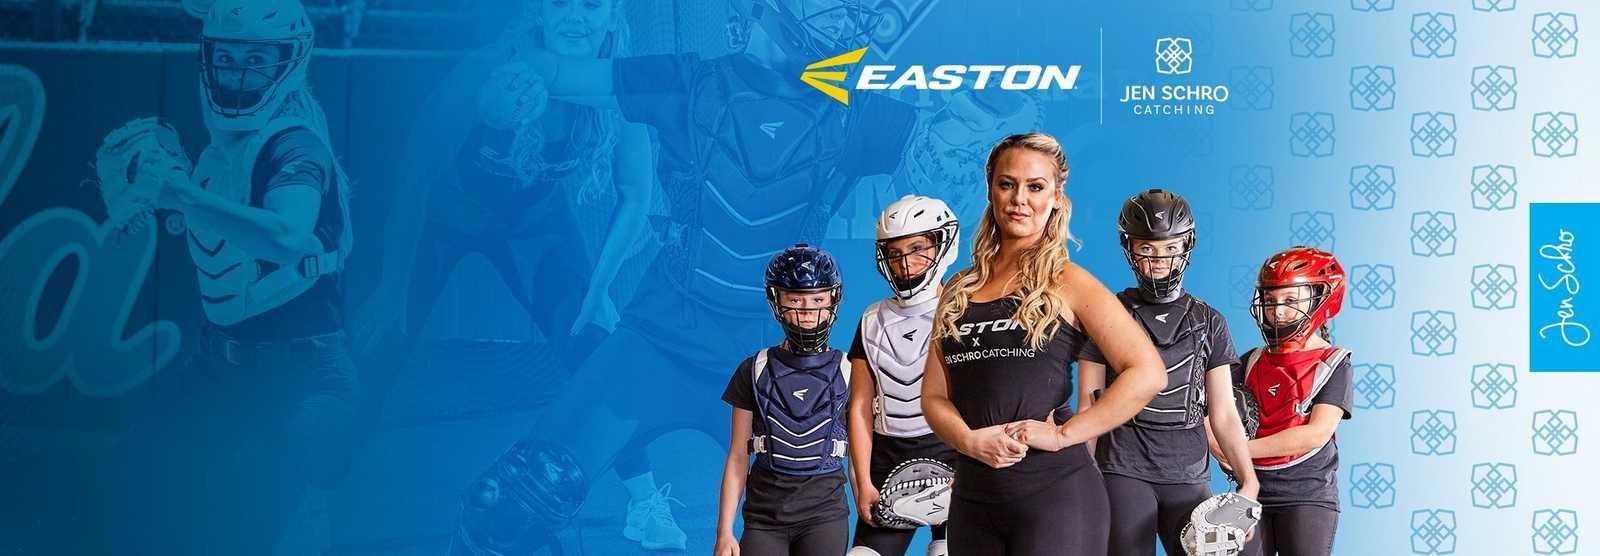 easton-jen-schroeder-softball-catcher's-gear